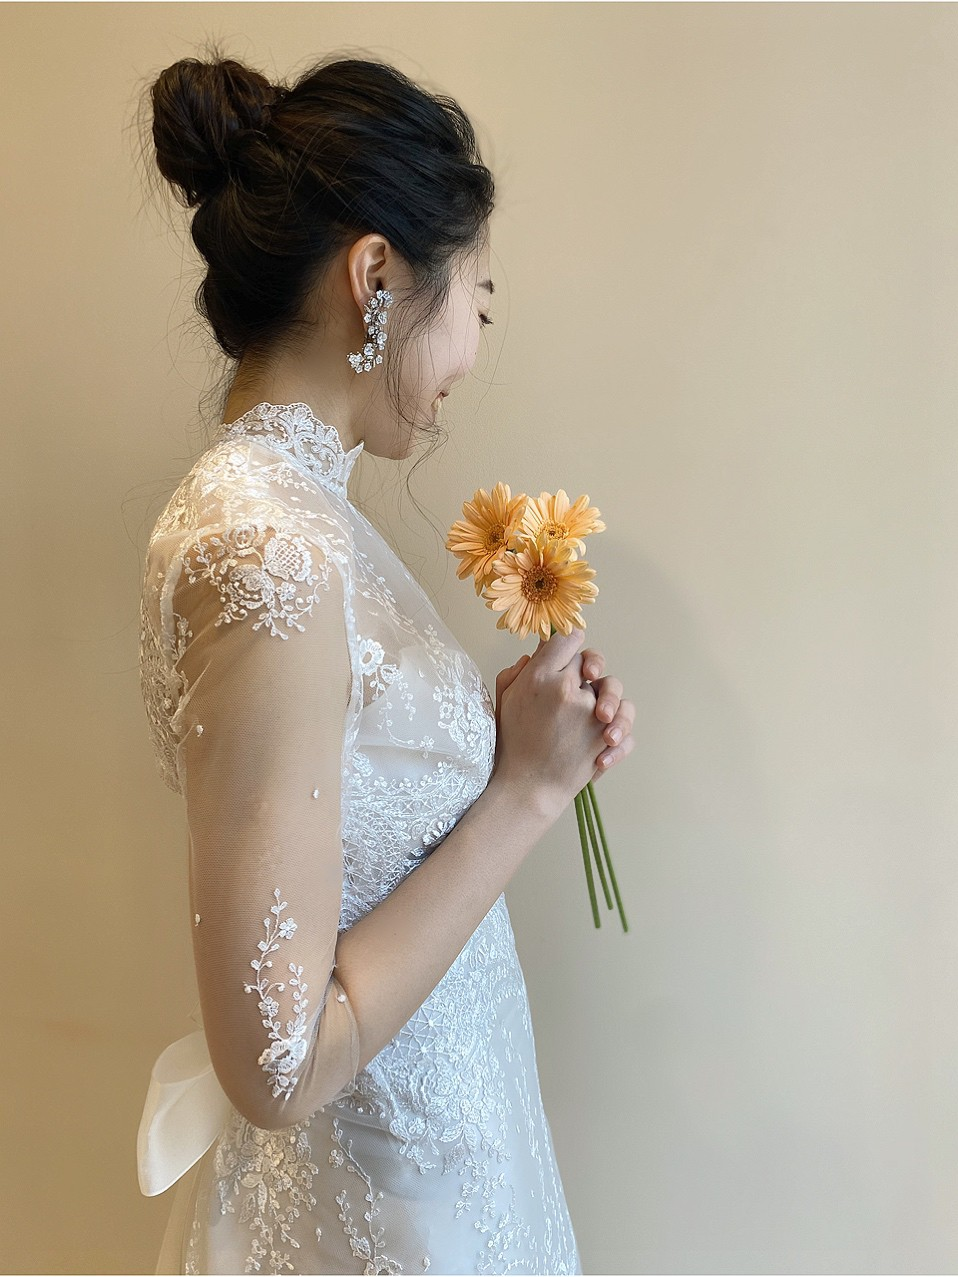 透け感のあるロングスリーブにハイネックのデザインが上品でクラシカルなエリザベスフィルモアのインポートのウェディングドレス